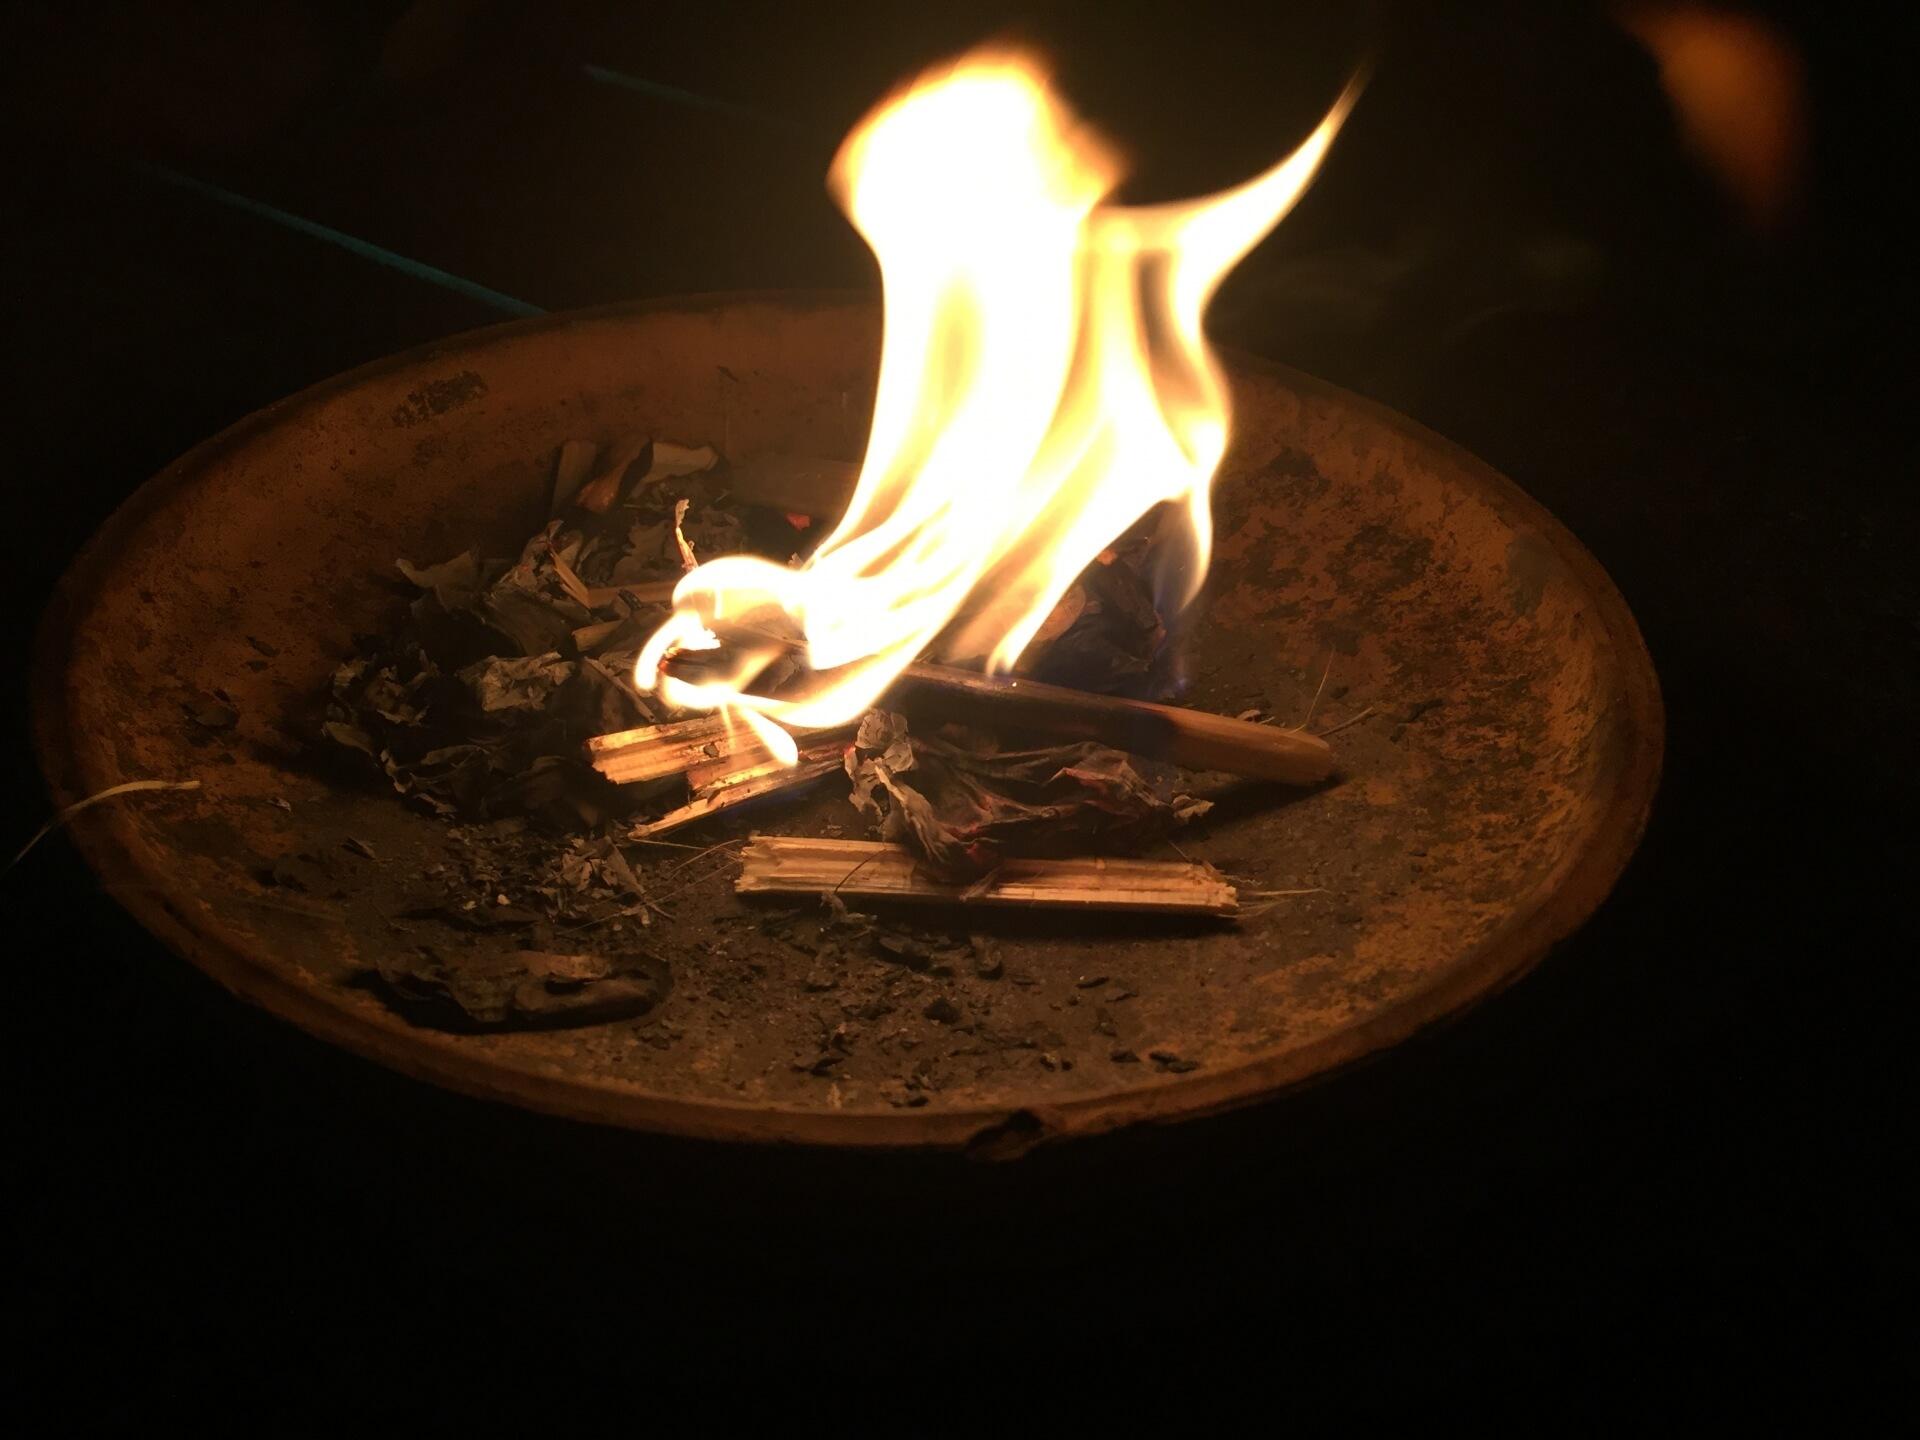 お盆に焚く迎え火の正しい行い方